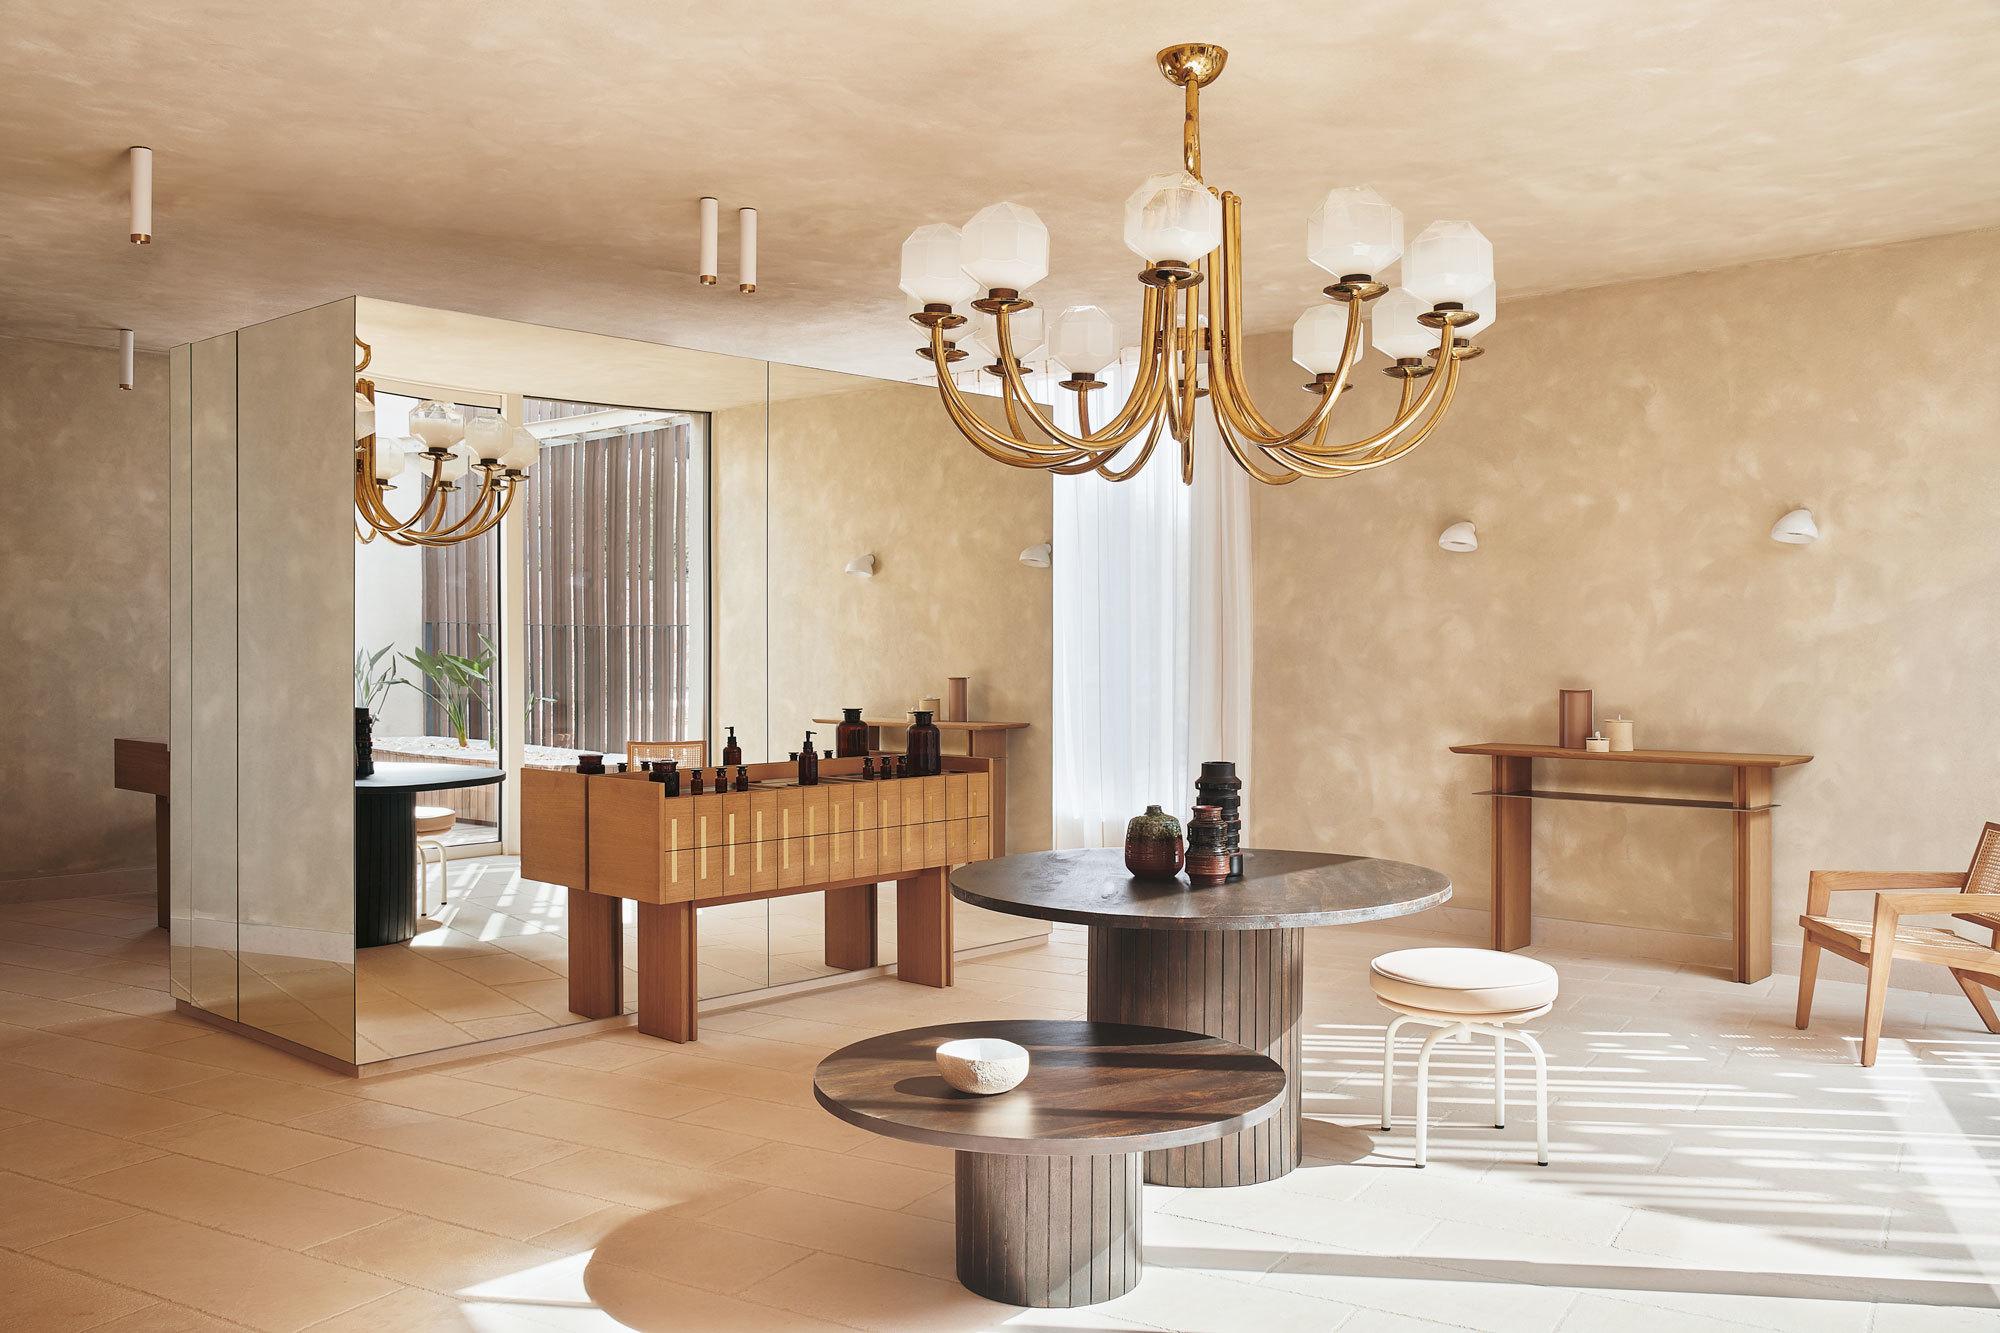 """""""Es fühlte sich richtig an, Luxus durch den bewussten Umgang mit maßgefertigten, edlen Materialen zu erzeugen"""", erklärt die französische Architektin ihr Konzept. Fotografin: Claire Israel"""